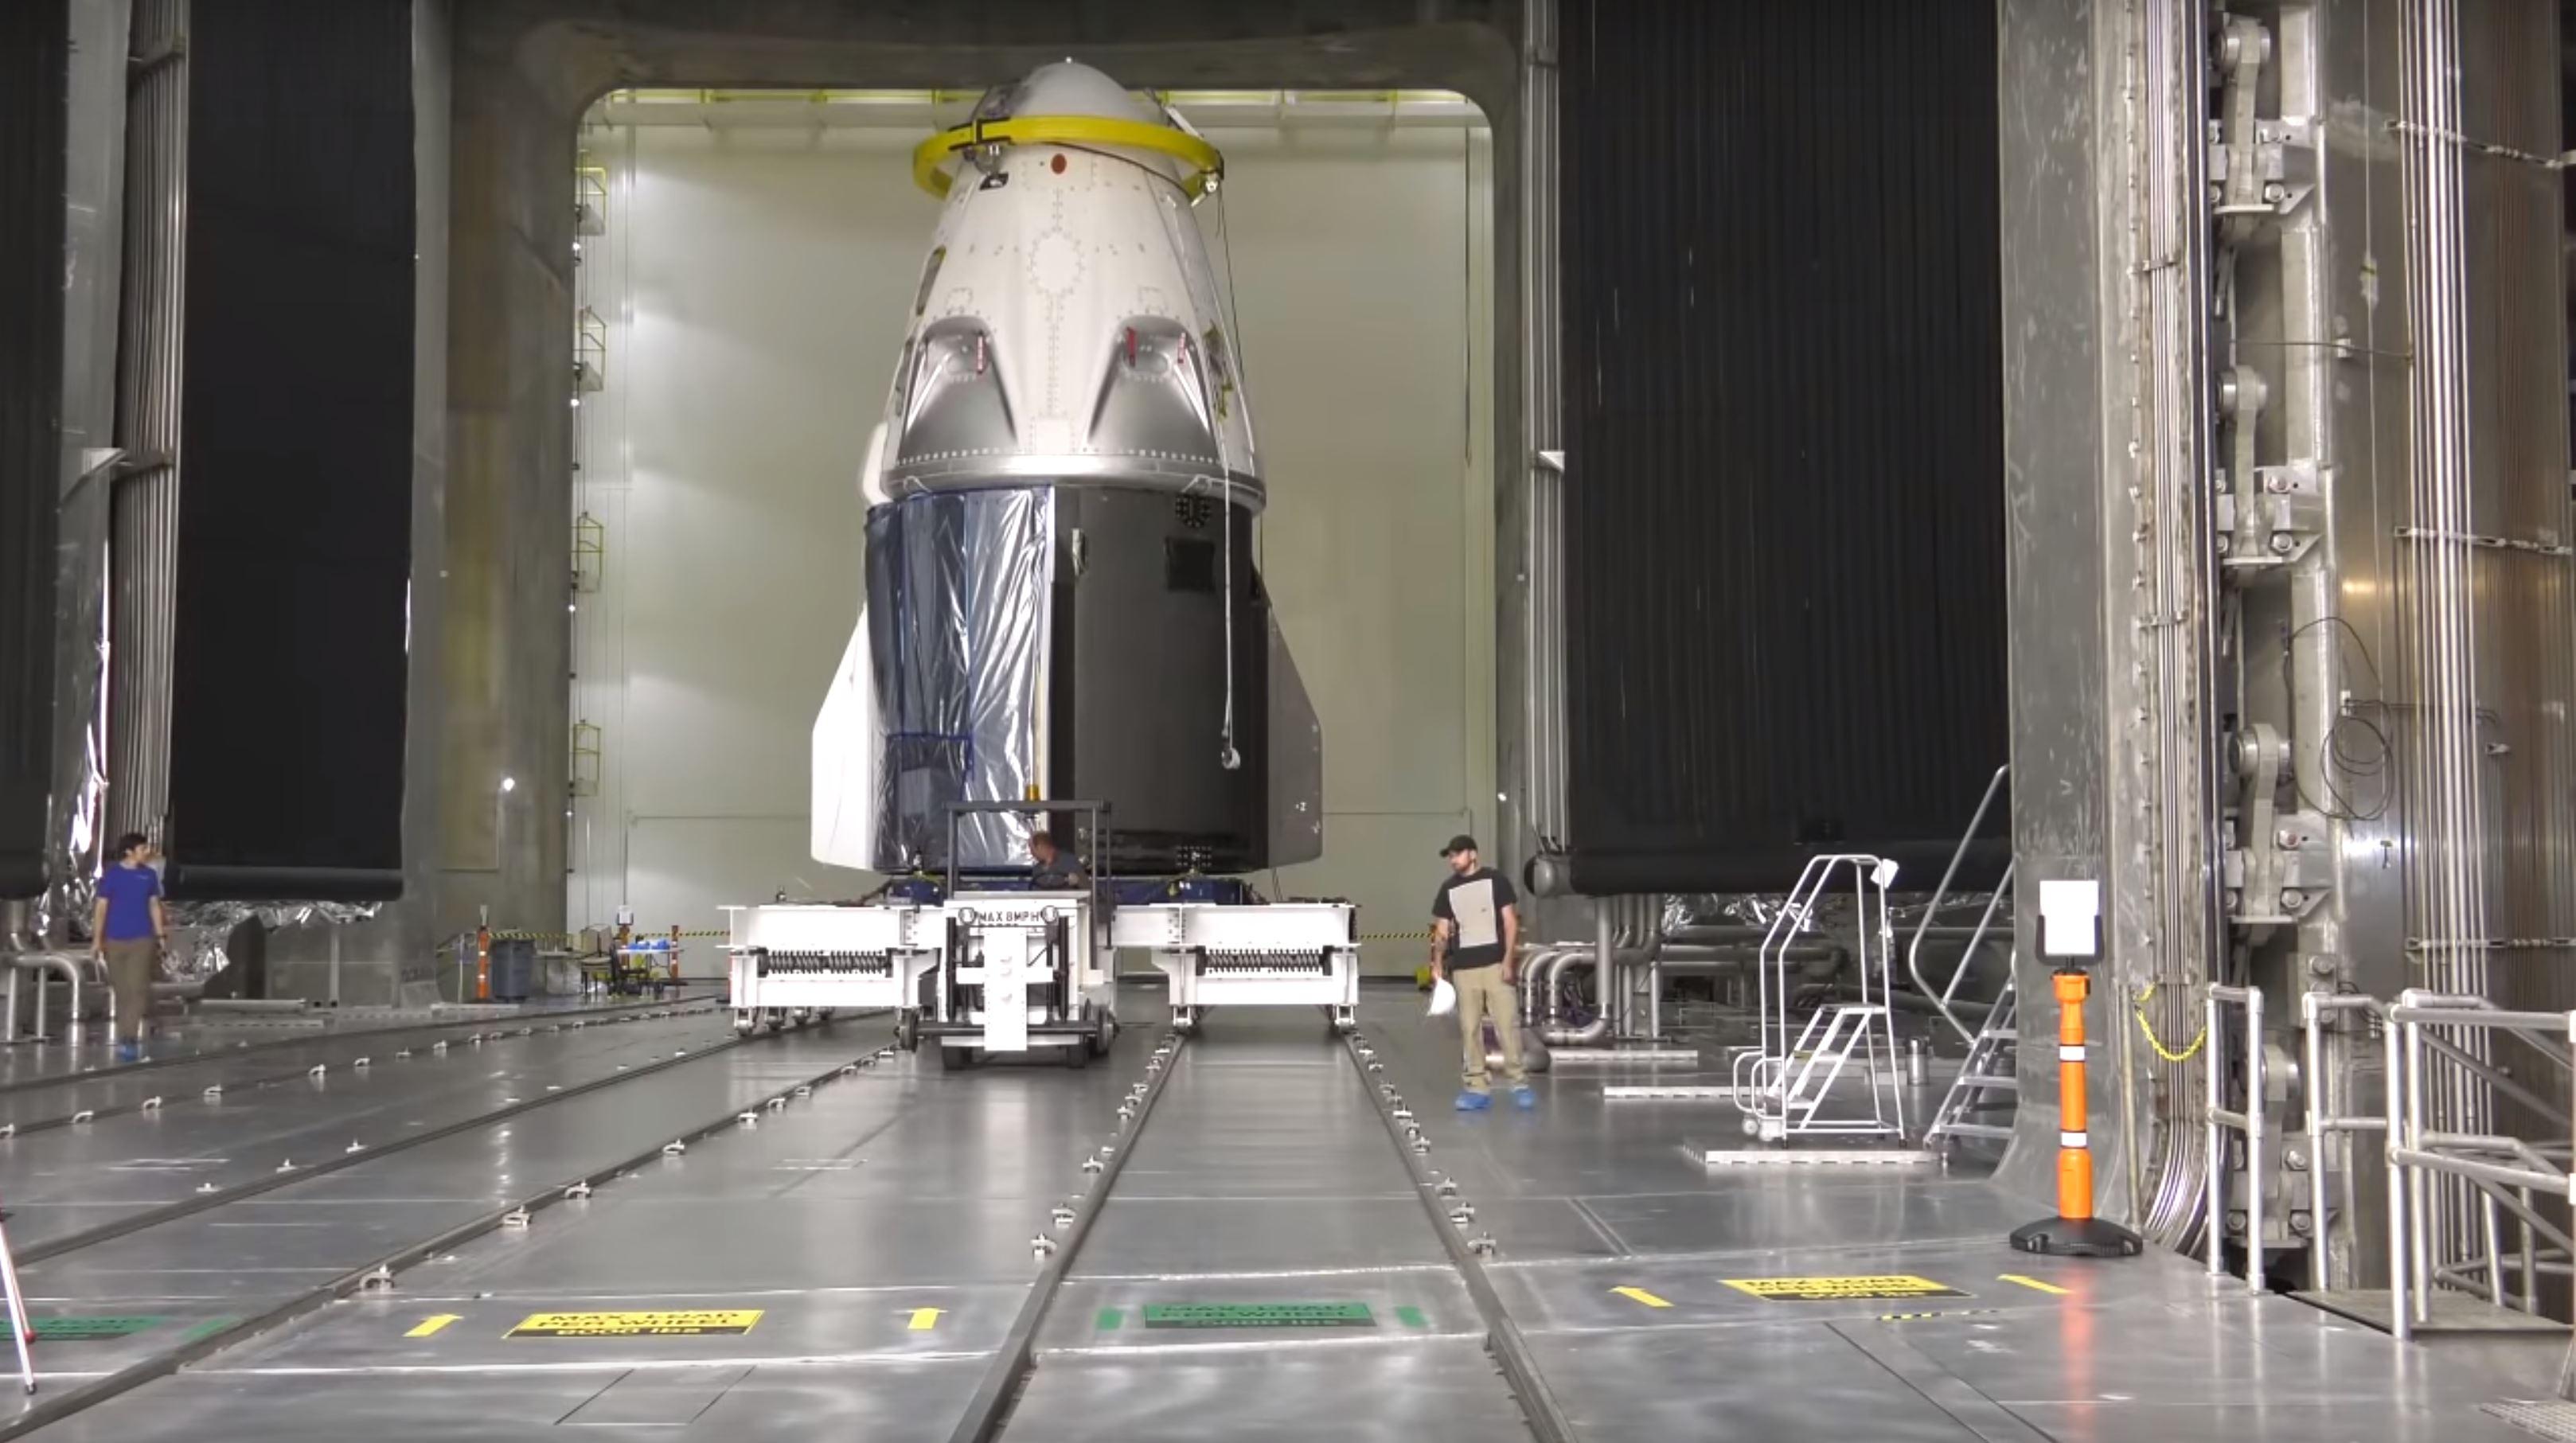 [Перевод] SpaceX и NASA вновь подтвердили свои намерения произвести дебютный запуск корабля Crew Dragon в январе 2019 года